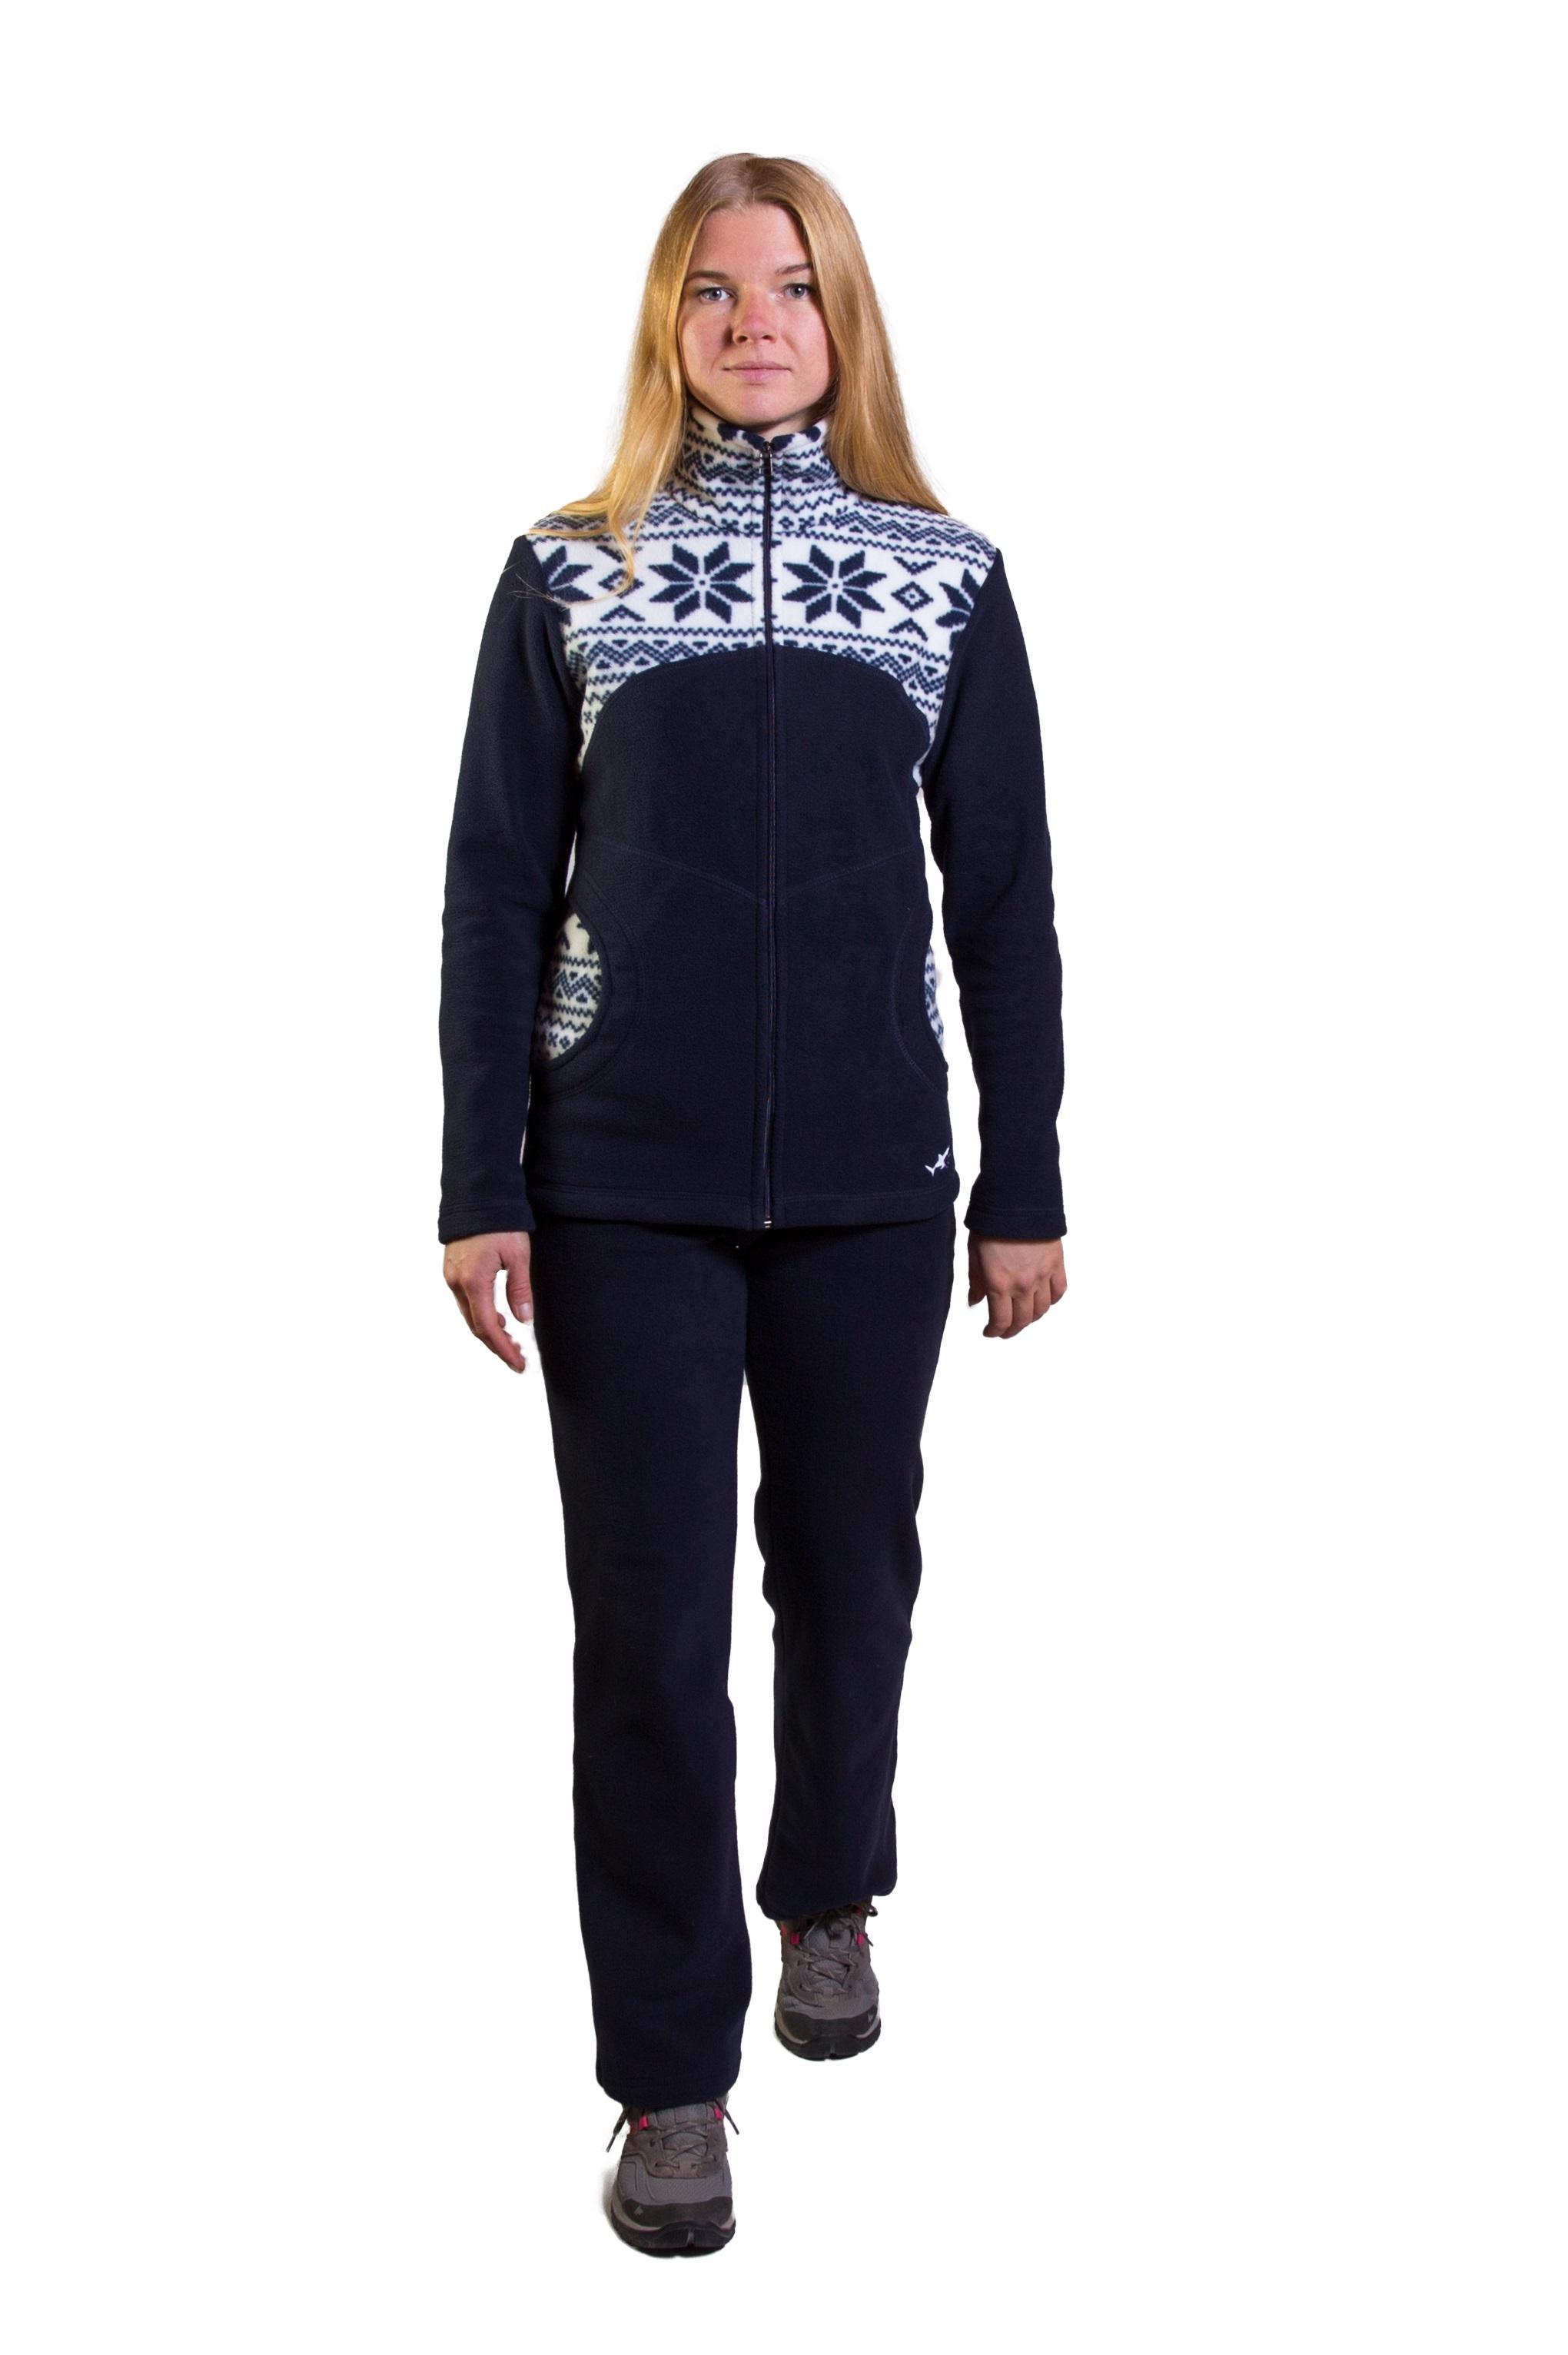 Флисовый костюм KATRAN Паола (Размер: 54 Рост: